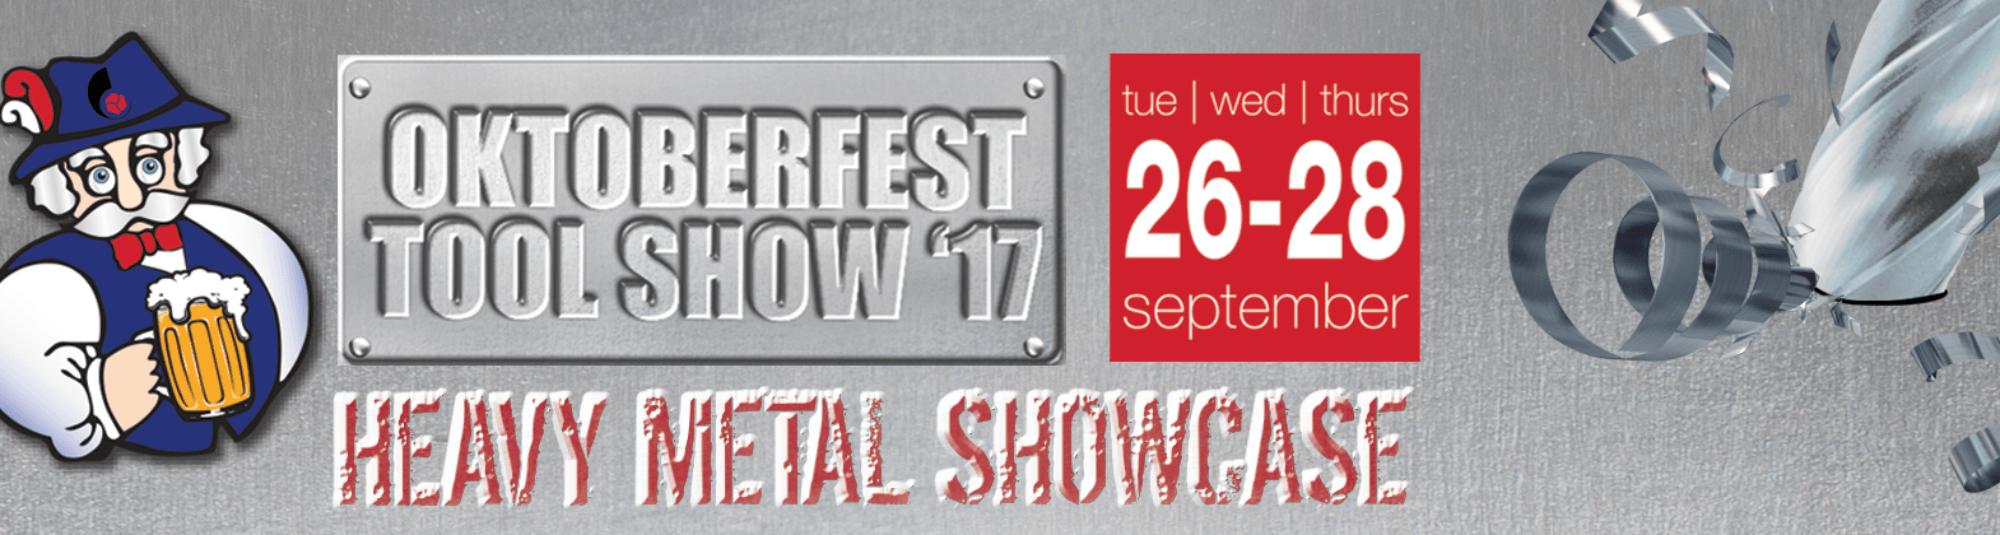 Go to Oktoberfest Tool Show